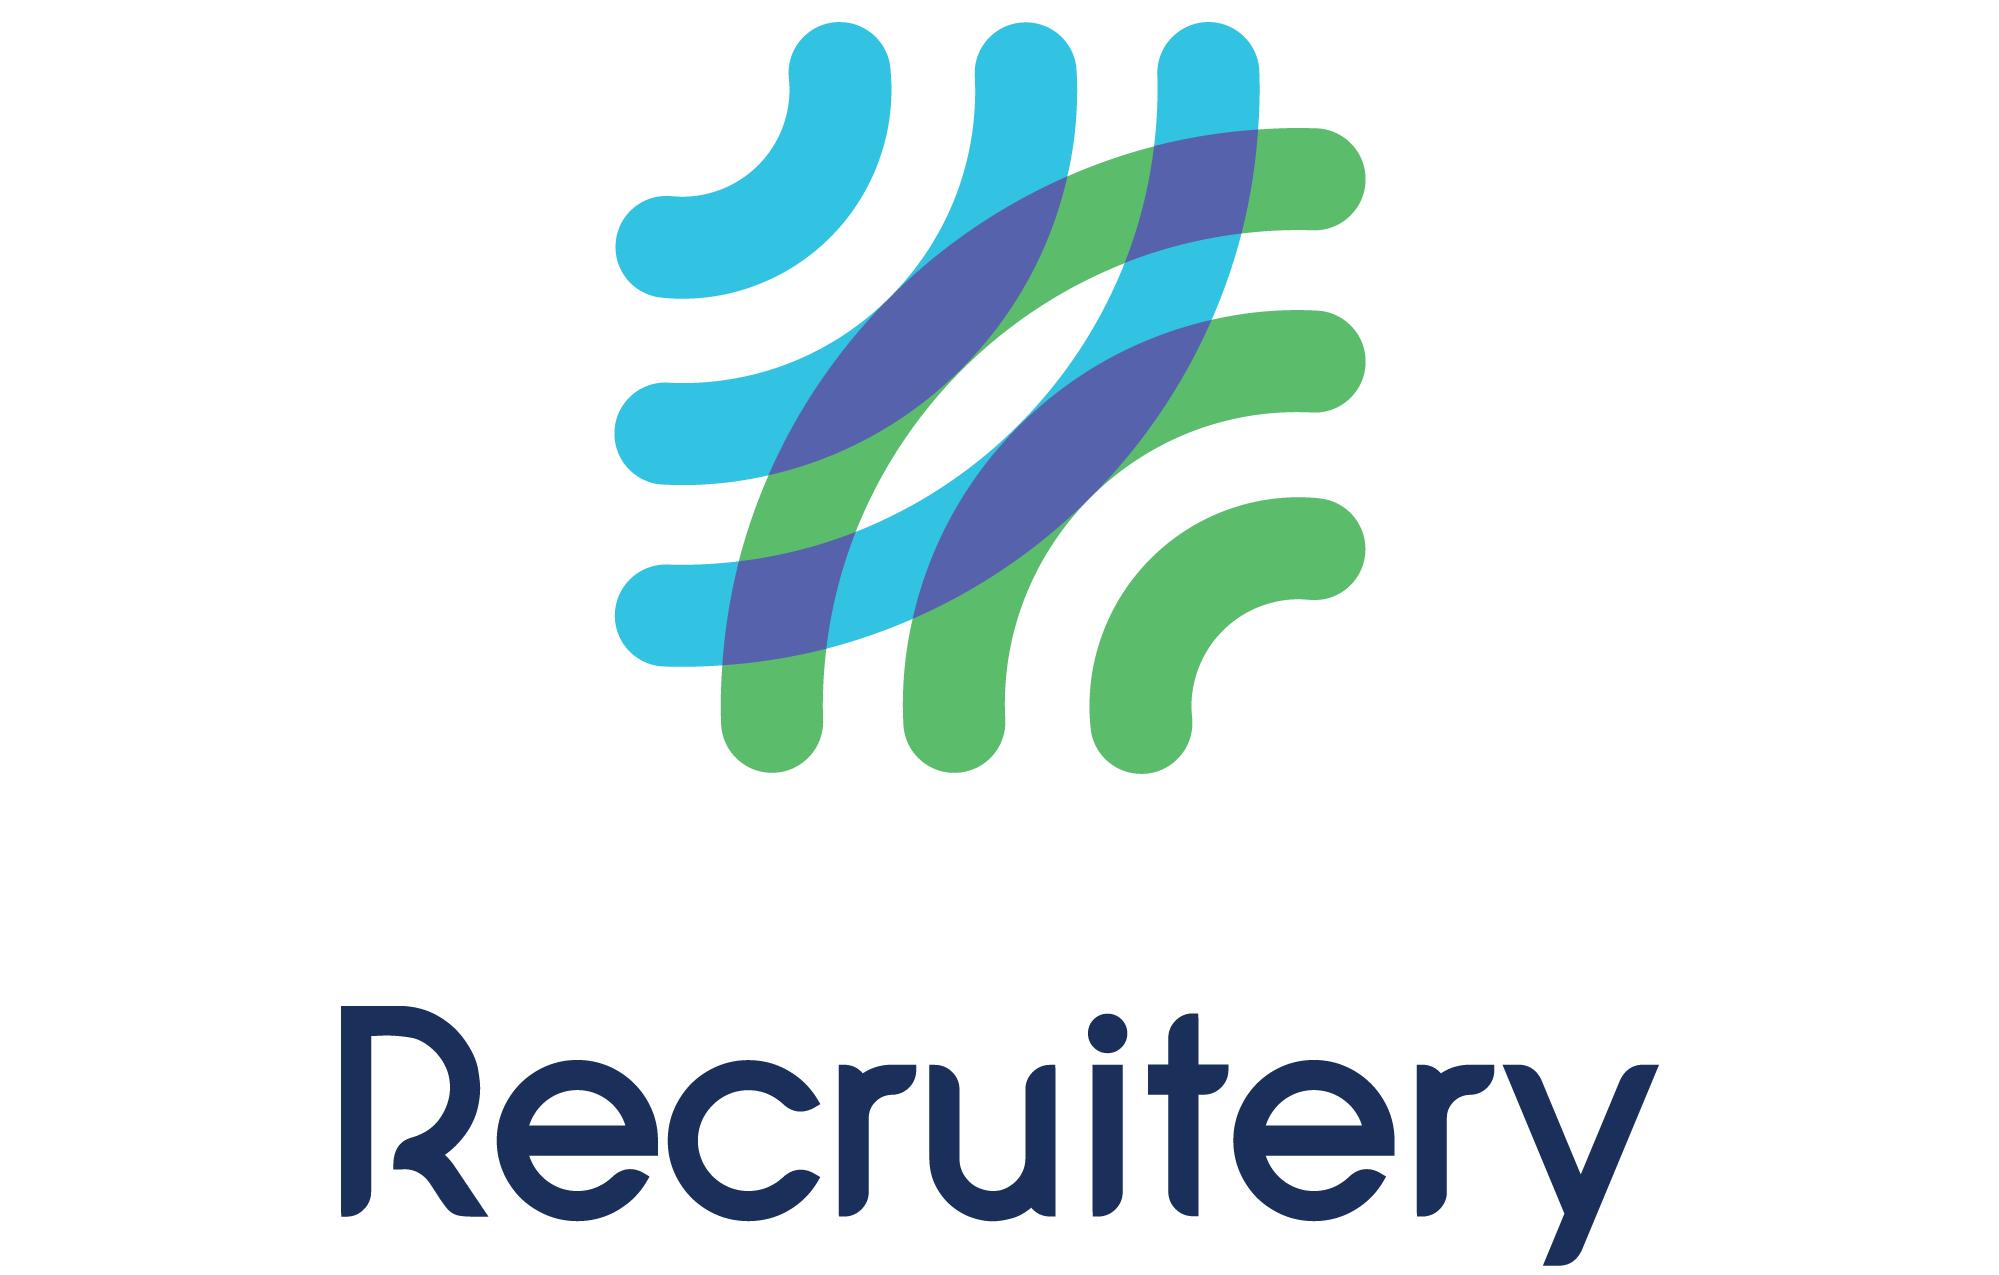 Recruitery – nền tảng giới thiệu ứng viên và nhận thưởng hot nhất mùa dịch